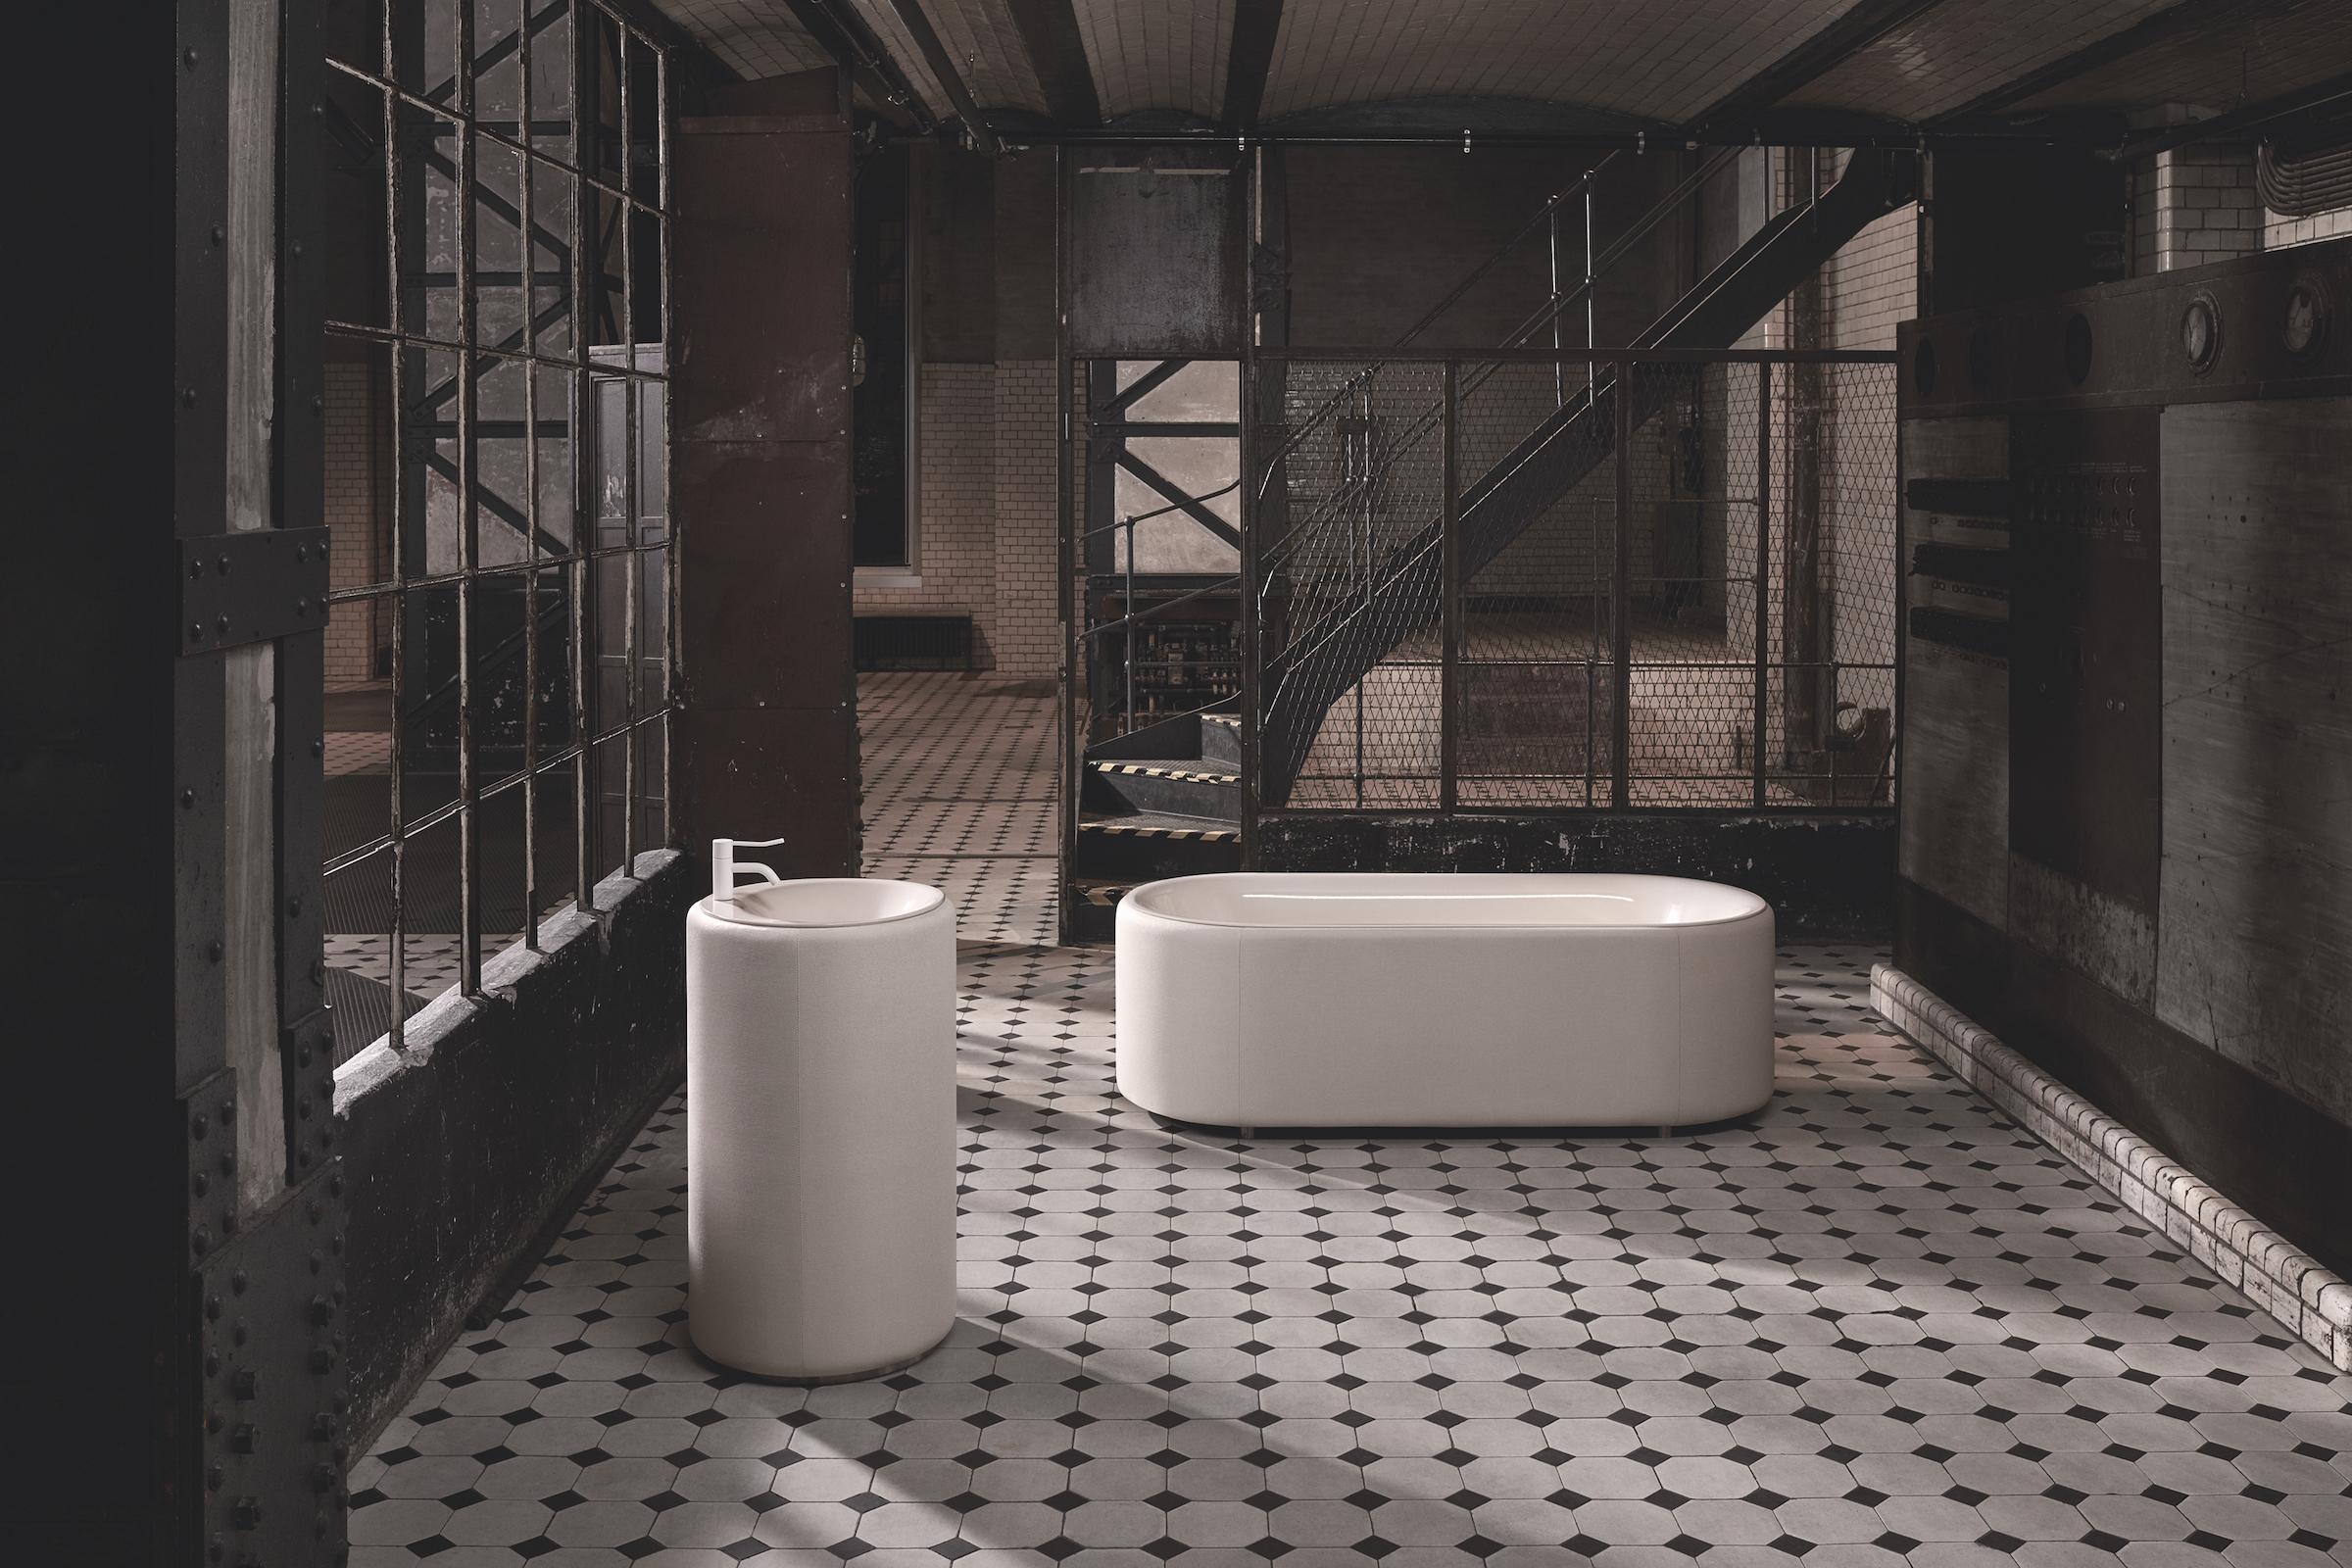 Gerade Design Waschtischarmatur Armatur Nevis FÜr Bad Waschbecken Waschtisch Uvp Armaturen Badkeramik